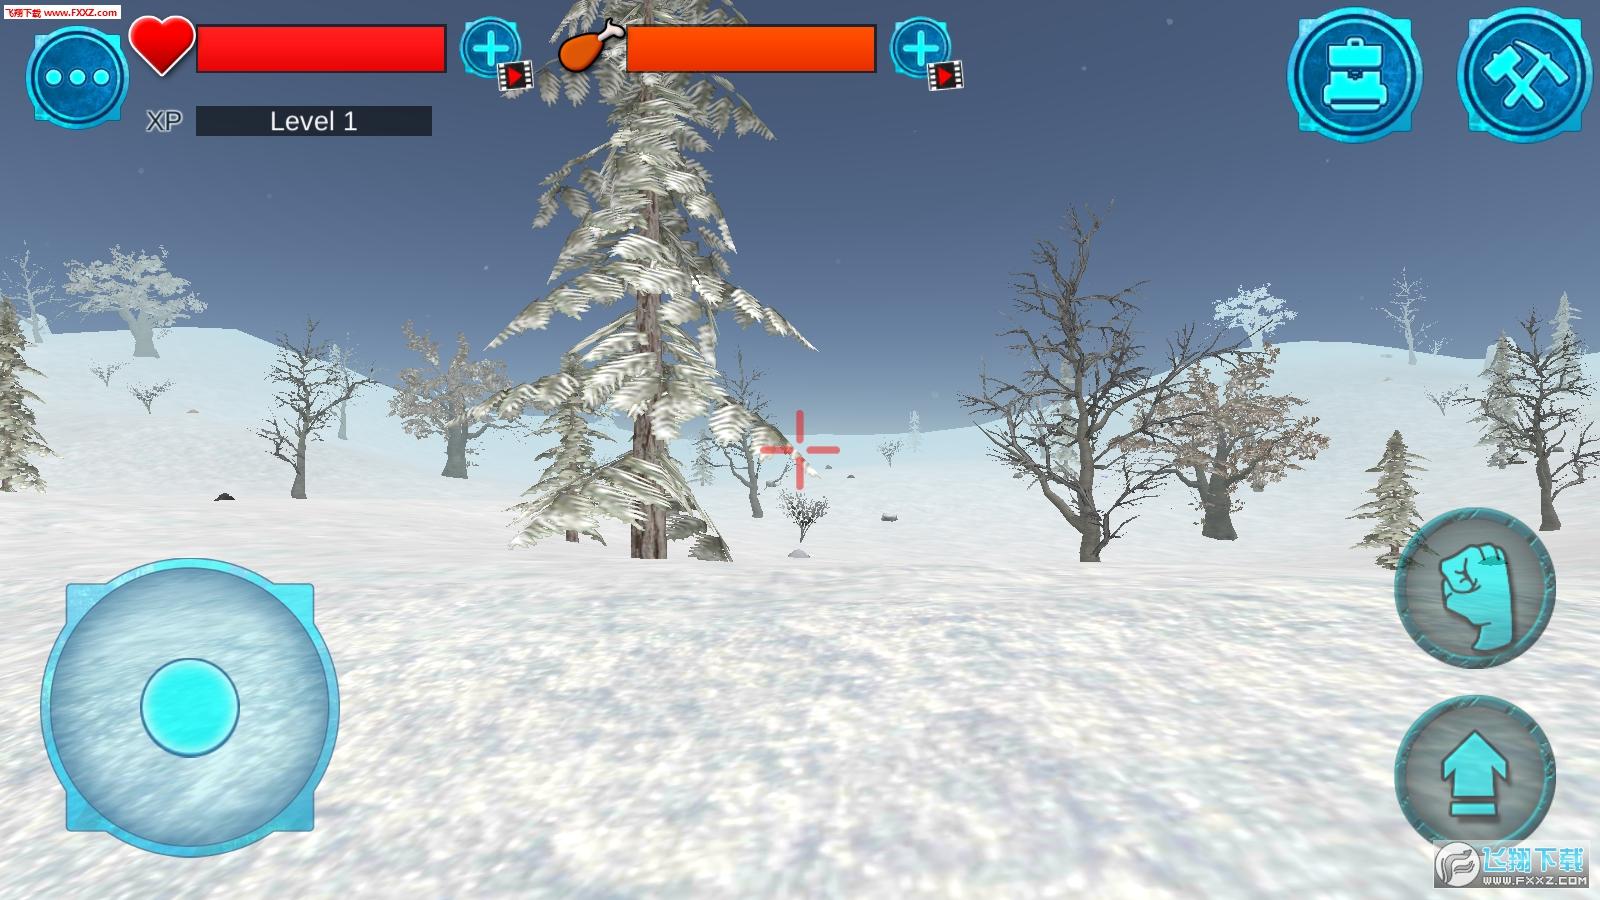 荒岛生存冬季版免费游戏1.0截图1